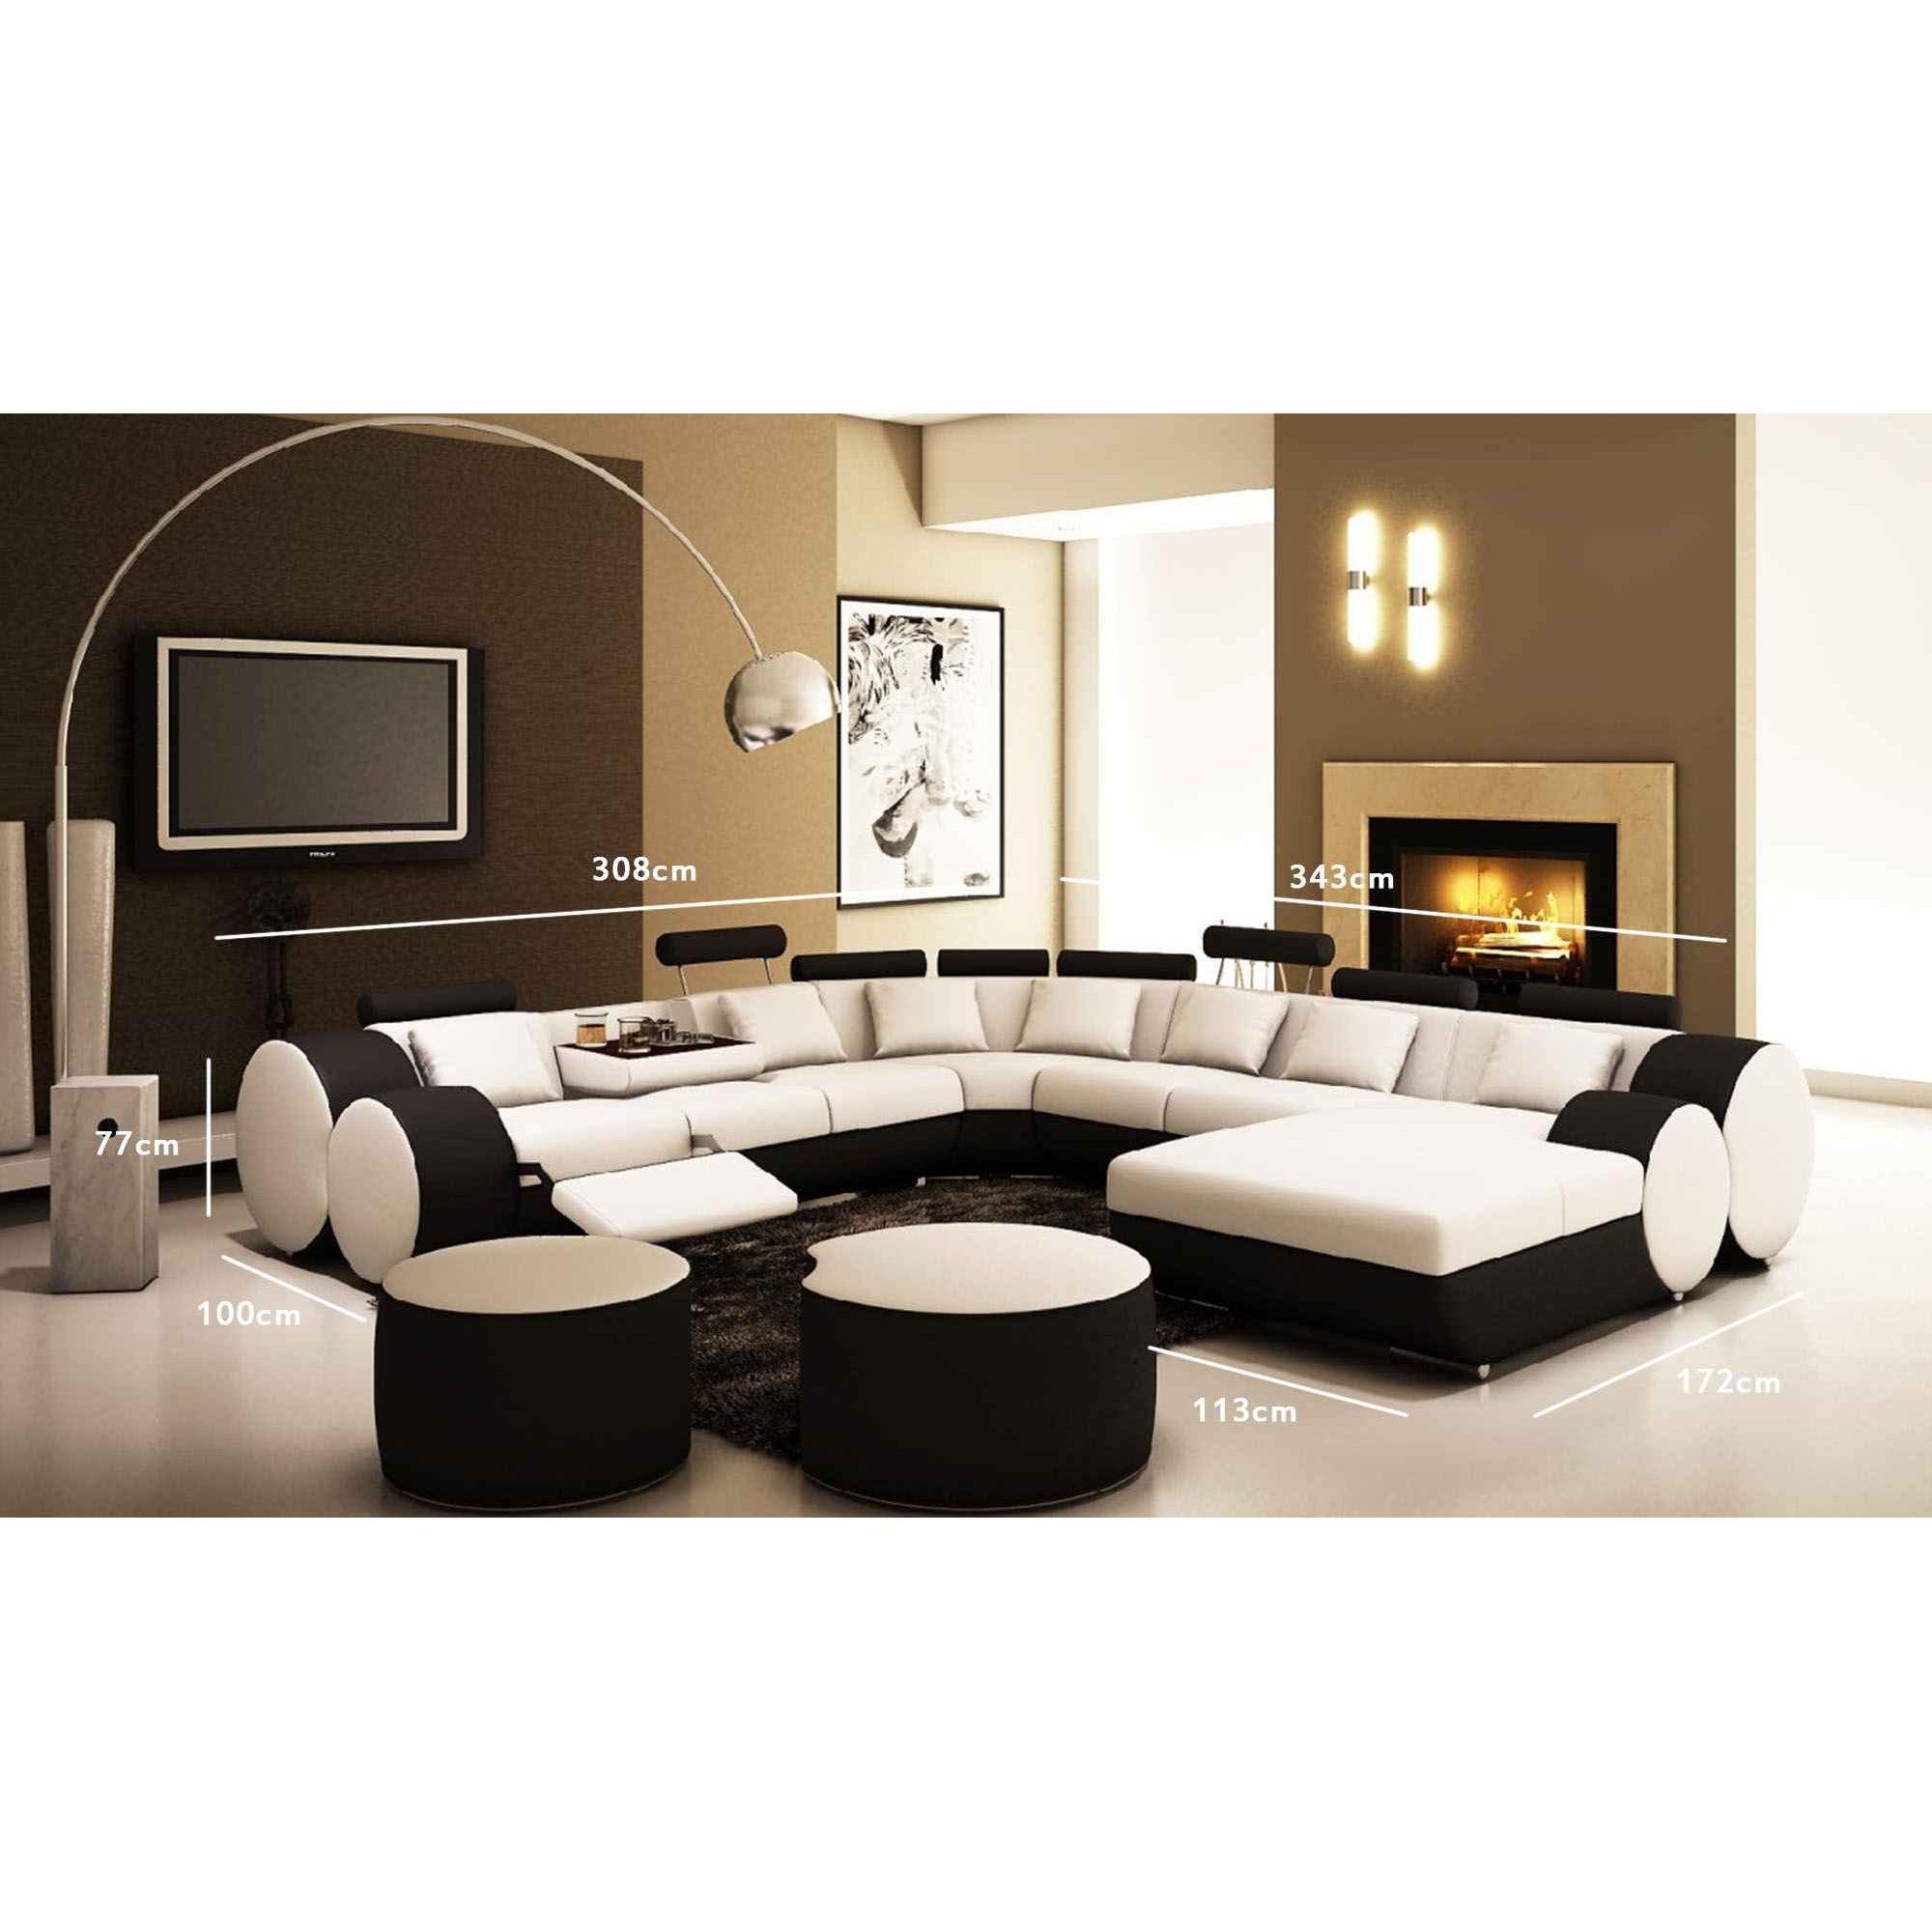 Canapé D'angle Panoramique Design En Cuir Noir Et Blanc Relax Roma encequiconcerne Salon De Jardin Blanc Design